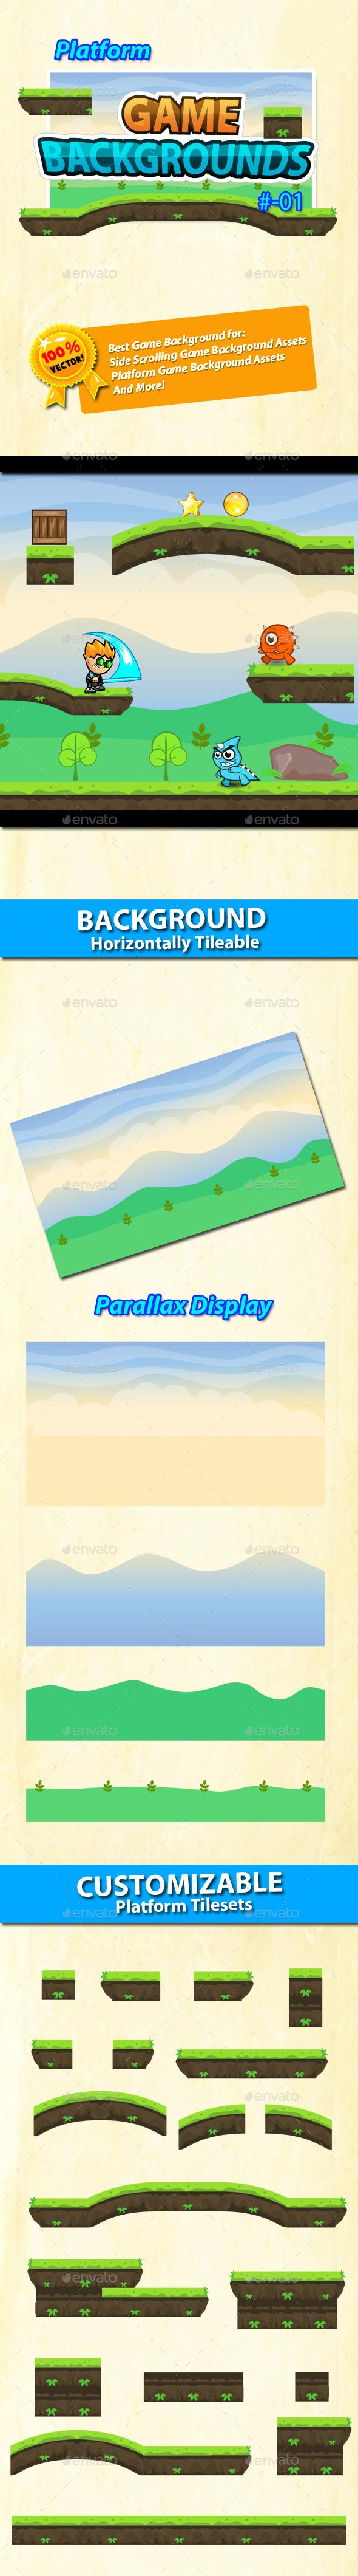 Game Background - Platform Tilesets -  01 - Backgrounds Game Assets